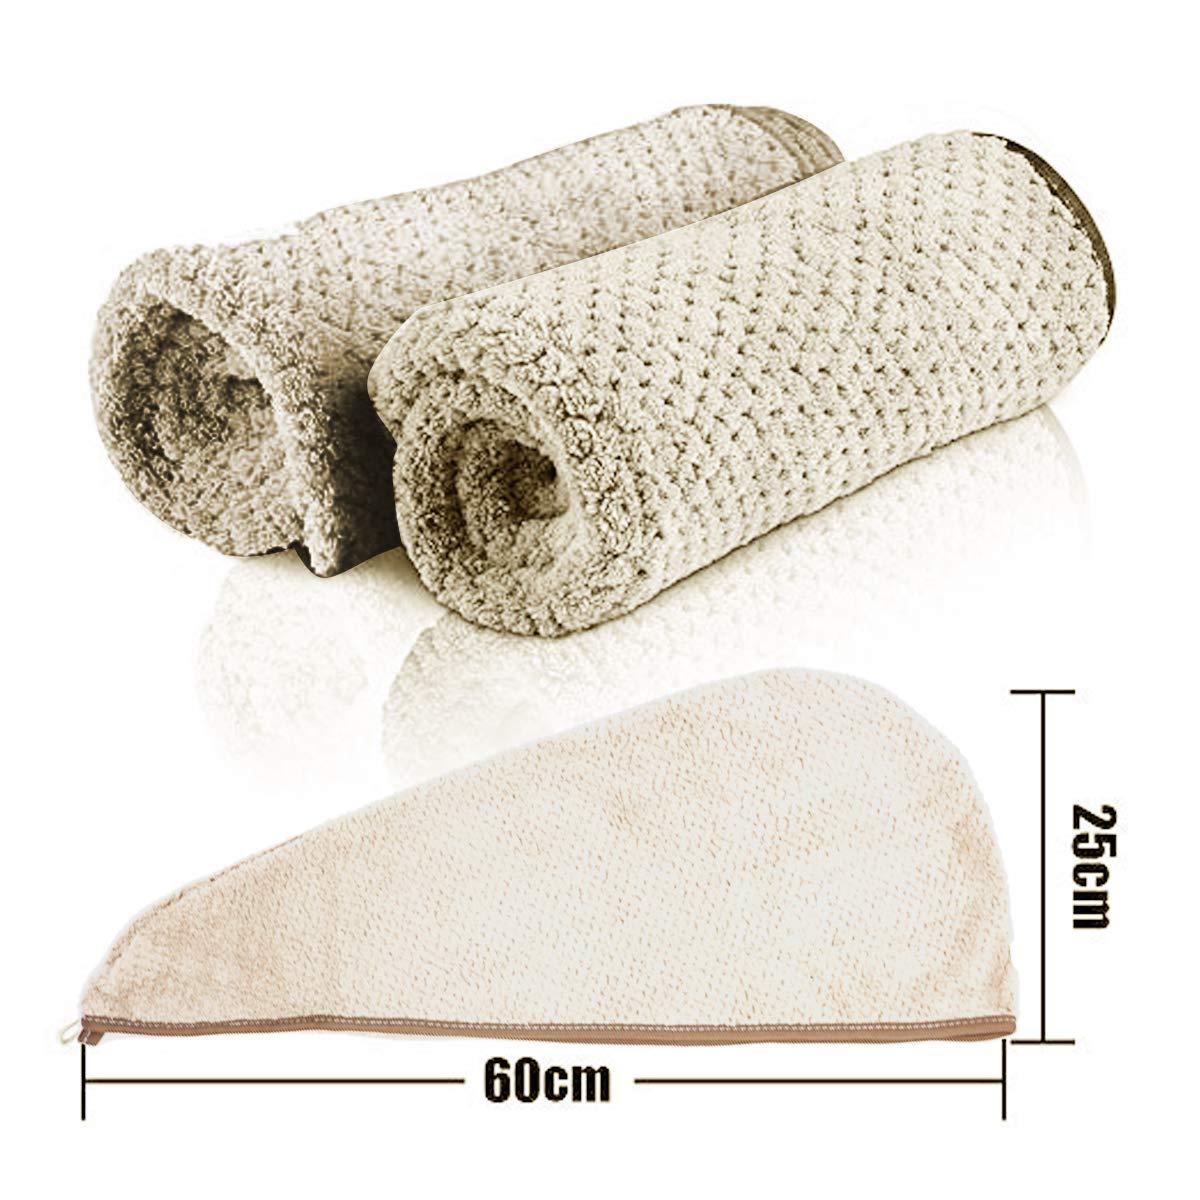 Pelo Turbante Toalla Wrap Caqui KiraKira Toallas de Ba/ño 2 pcs Turbante con Bot/ón Toalla Turbante de Microfibra Absorbente para un r/ápido Secado de Pelo